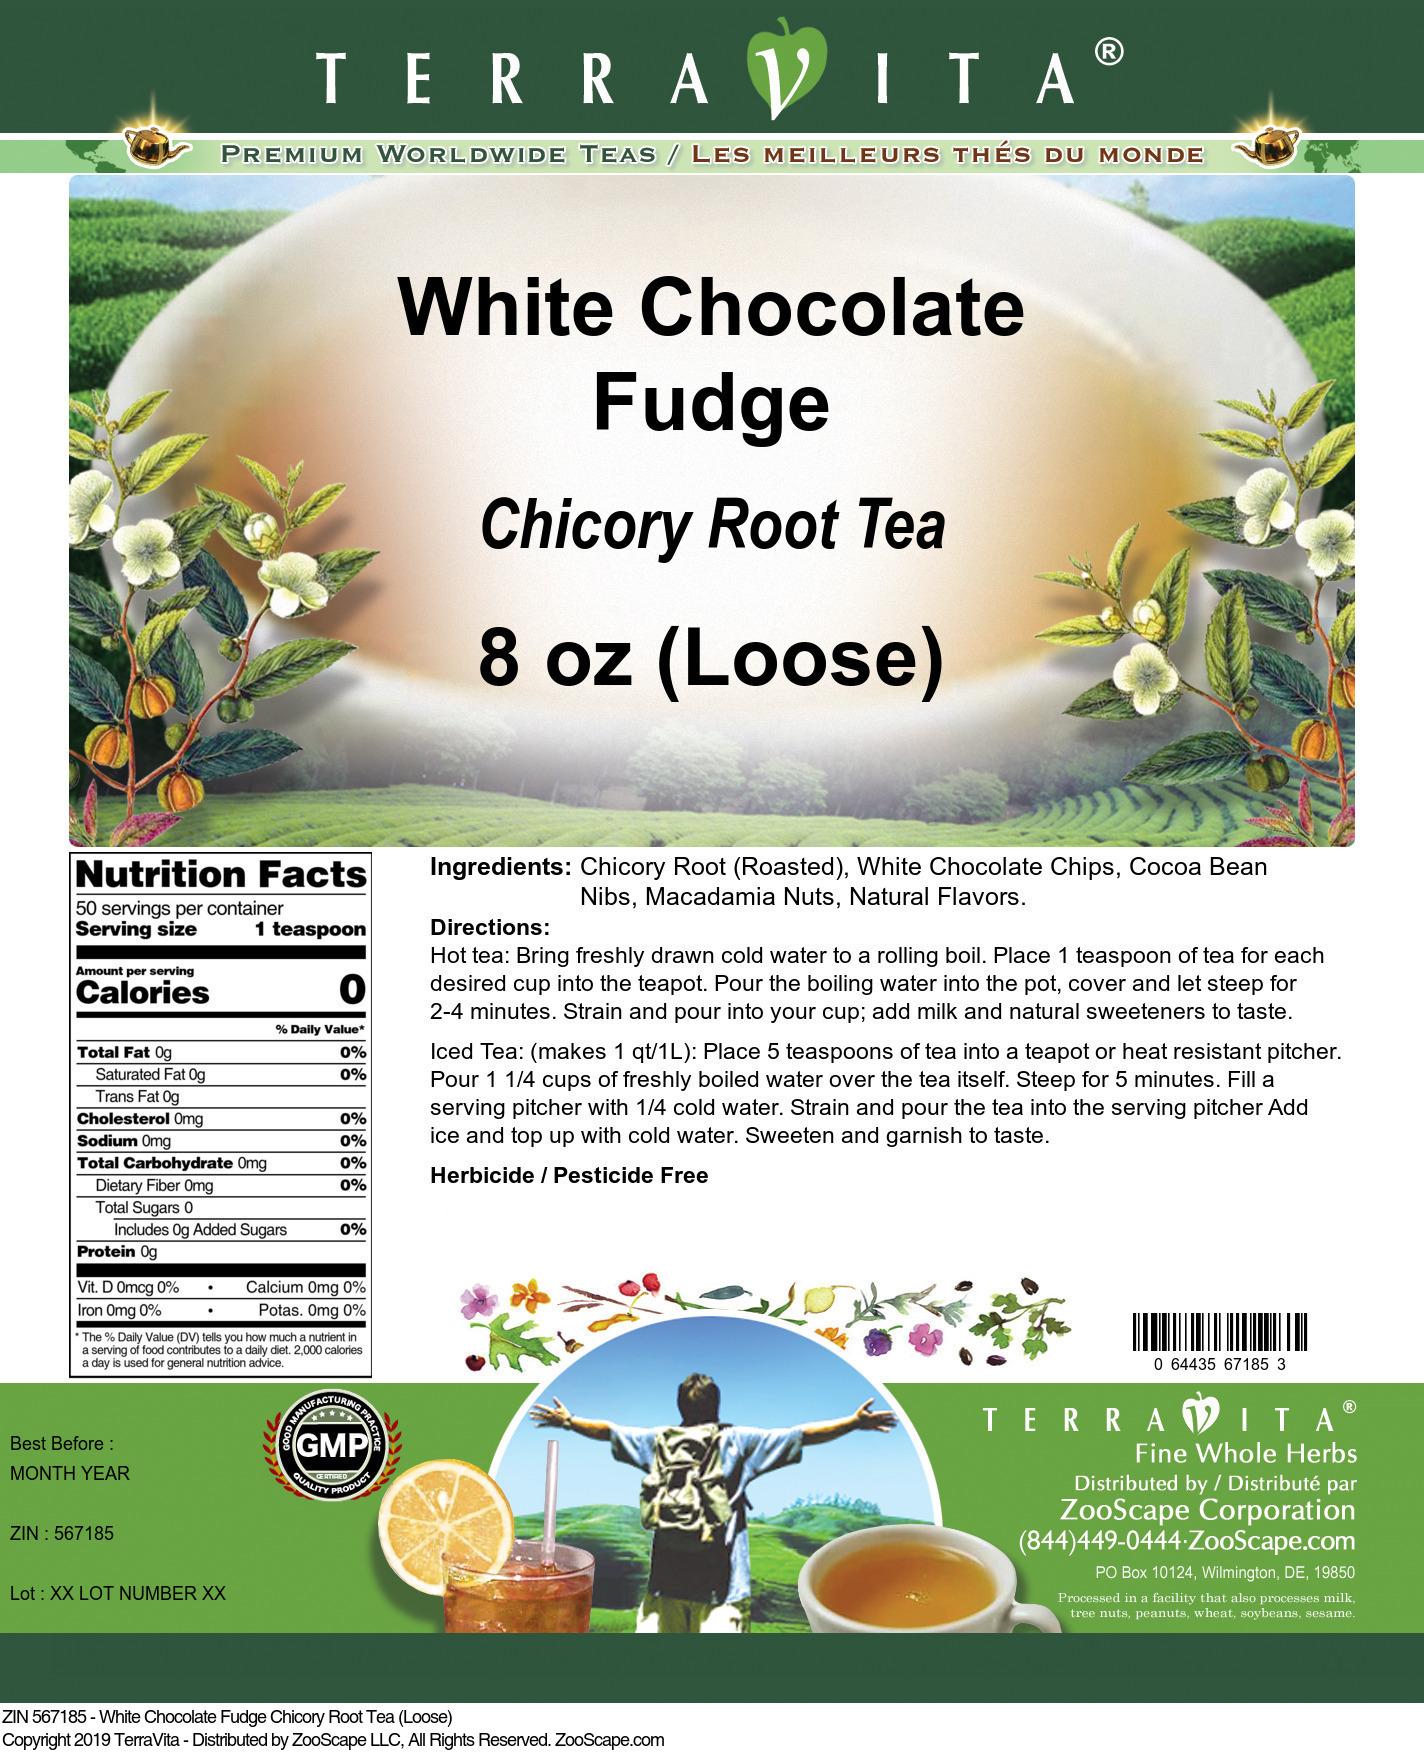 White Chocolate Fudge Chicory Root